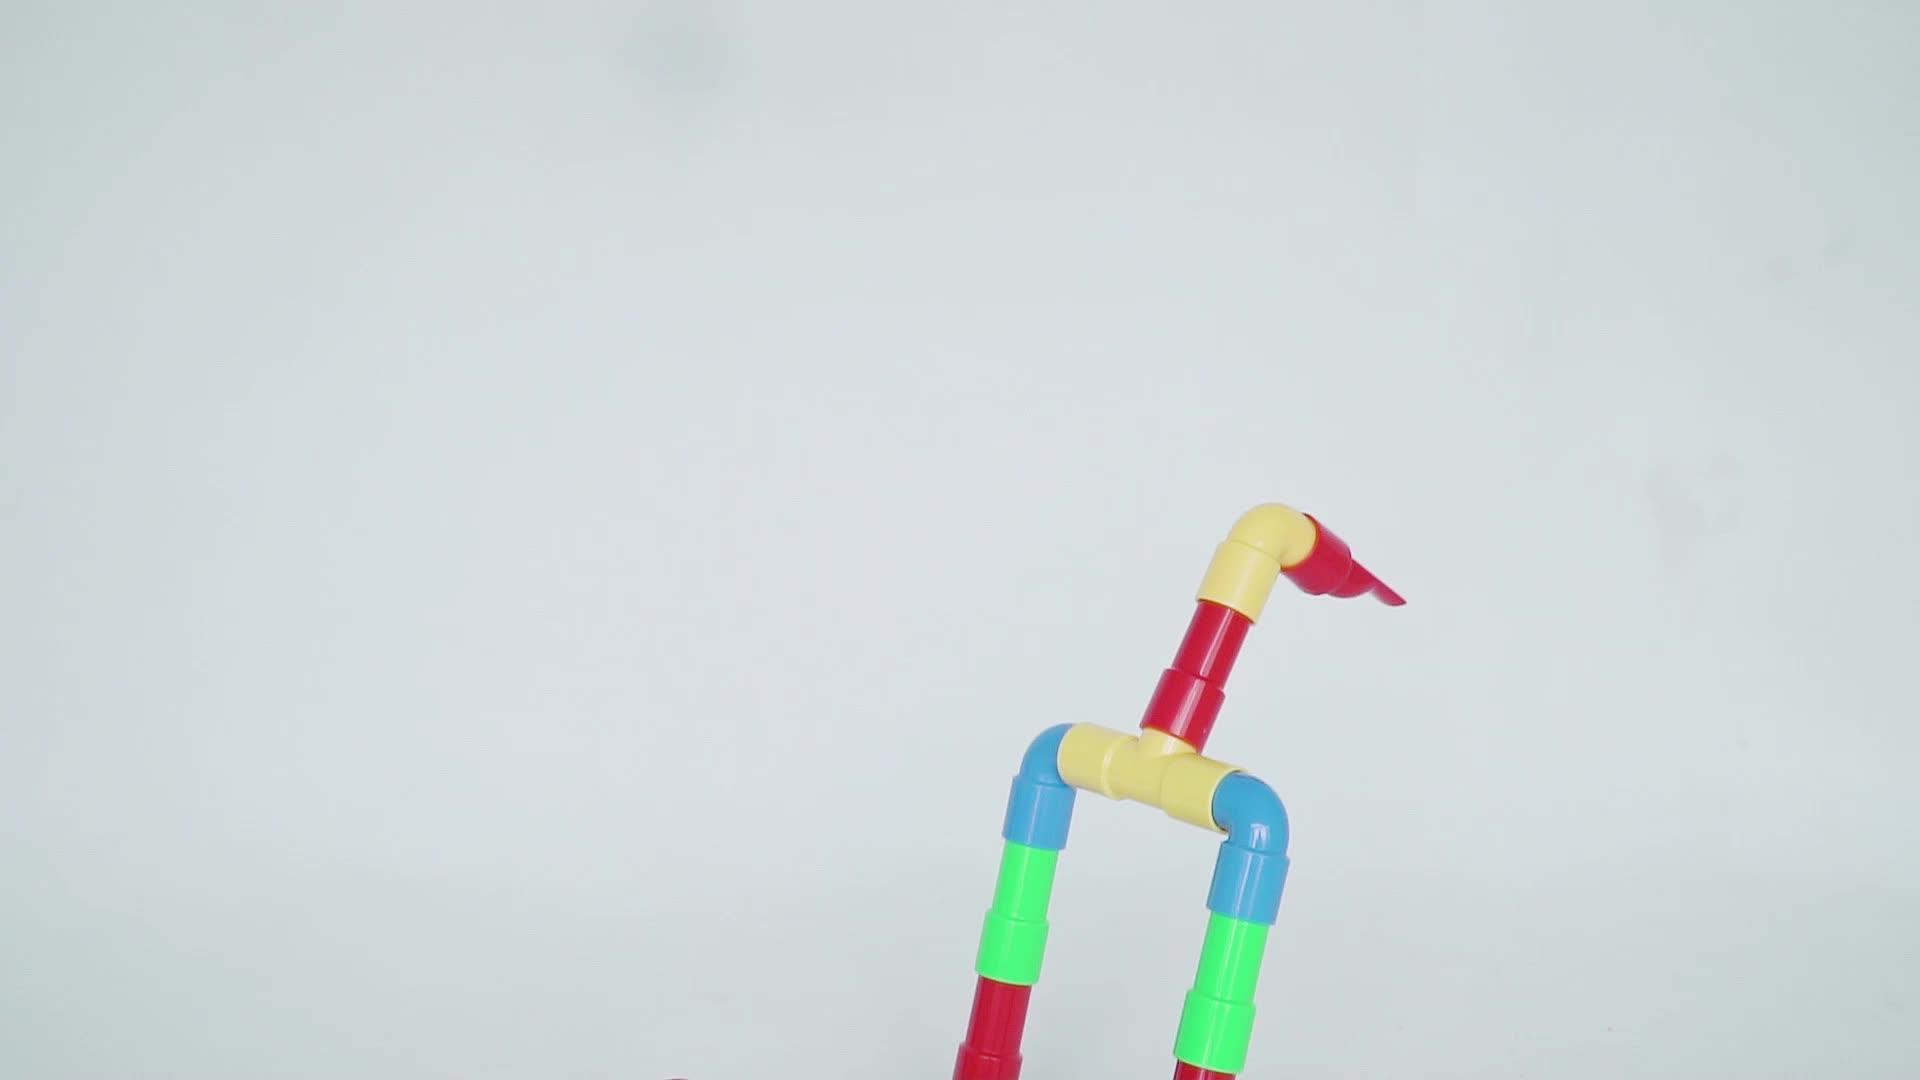 Thời trang Nhựa xây dựng các khối học tập sớm mẫu giáo chèn ống lắp ráp đồ chơi, funny phổ biến khối xây dựng từ